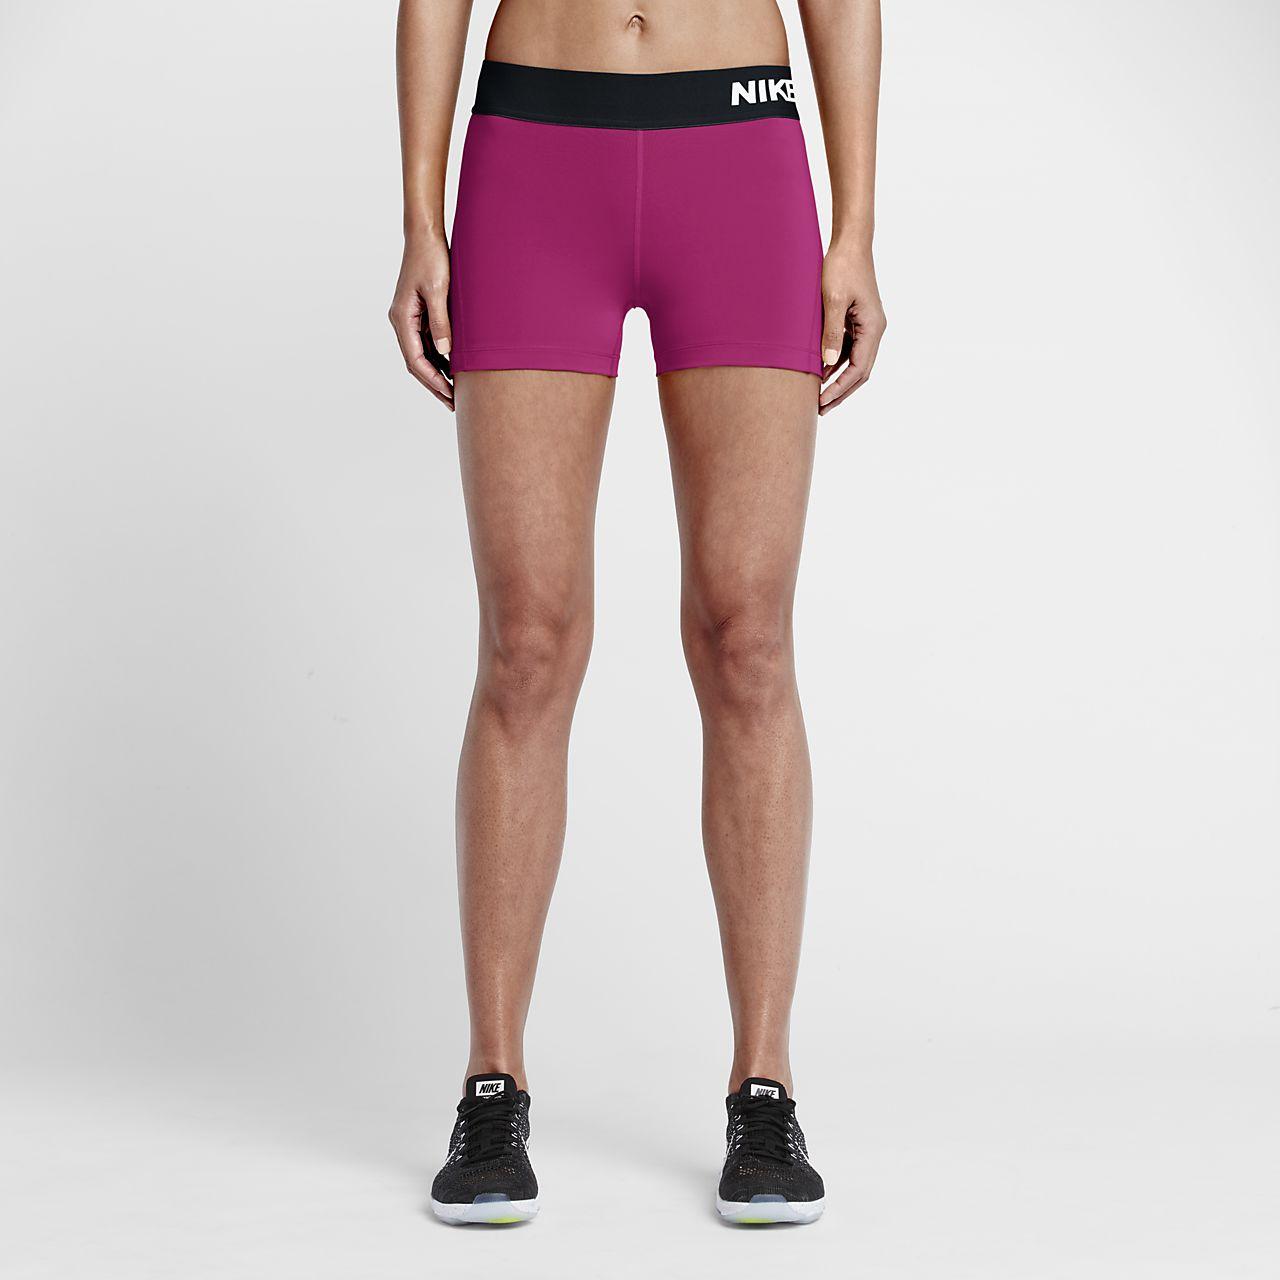 Women Nike Pro 7.5 cm Black/Vivid Pink/Vivid Pink